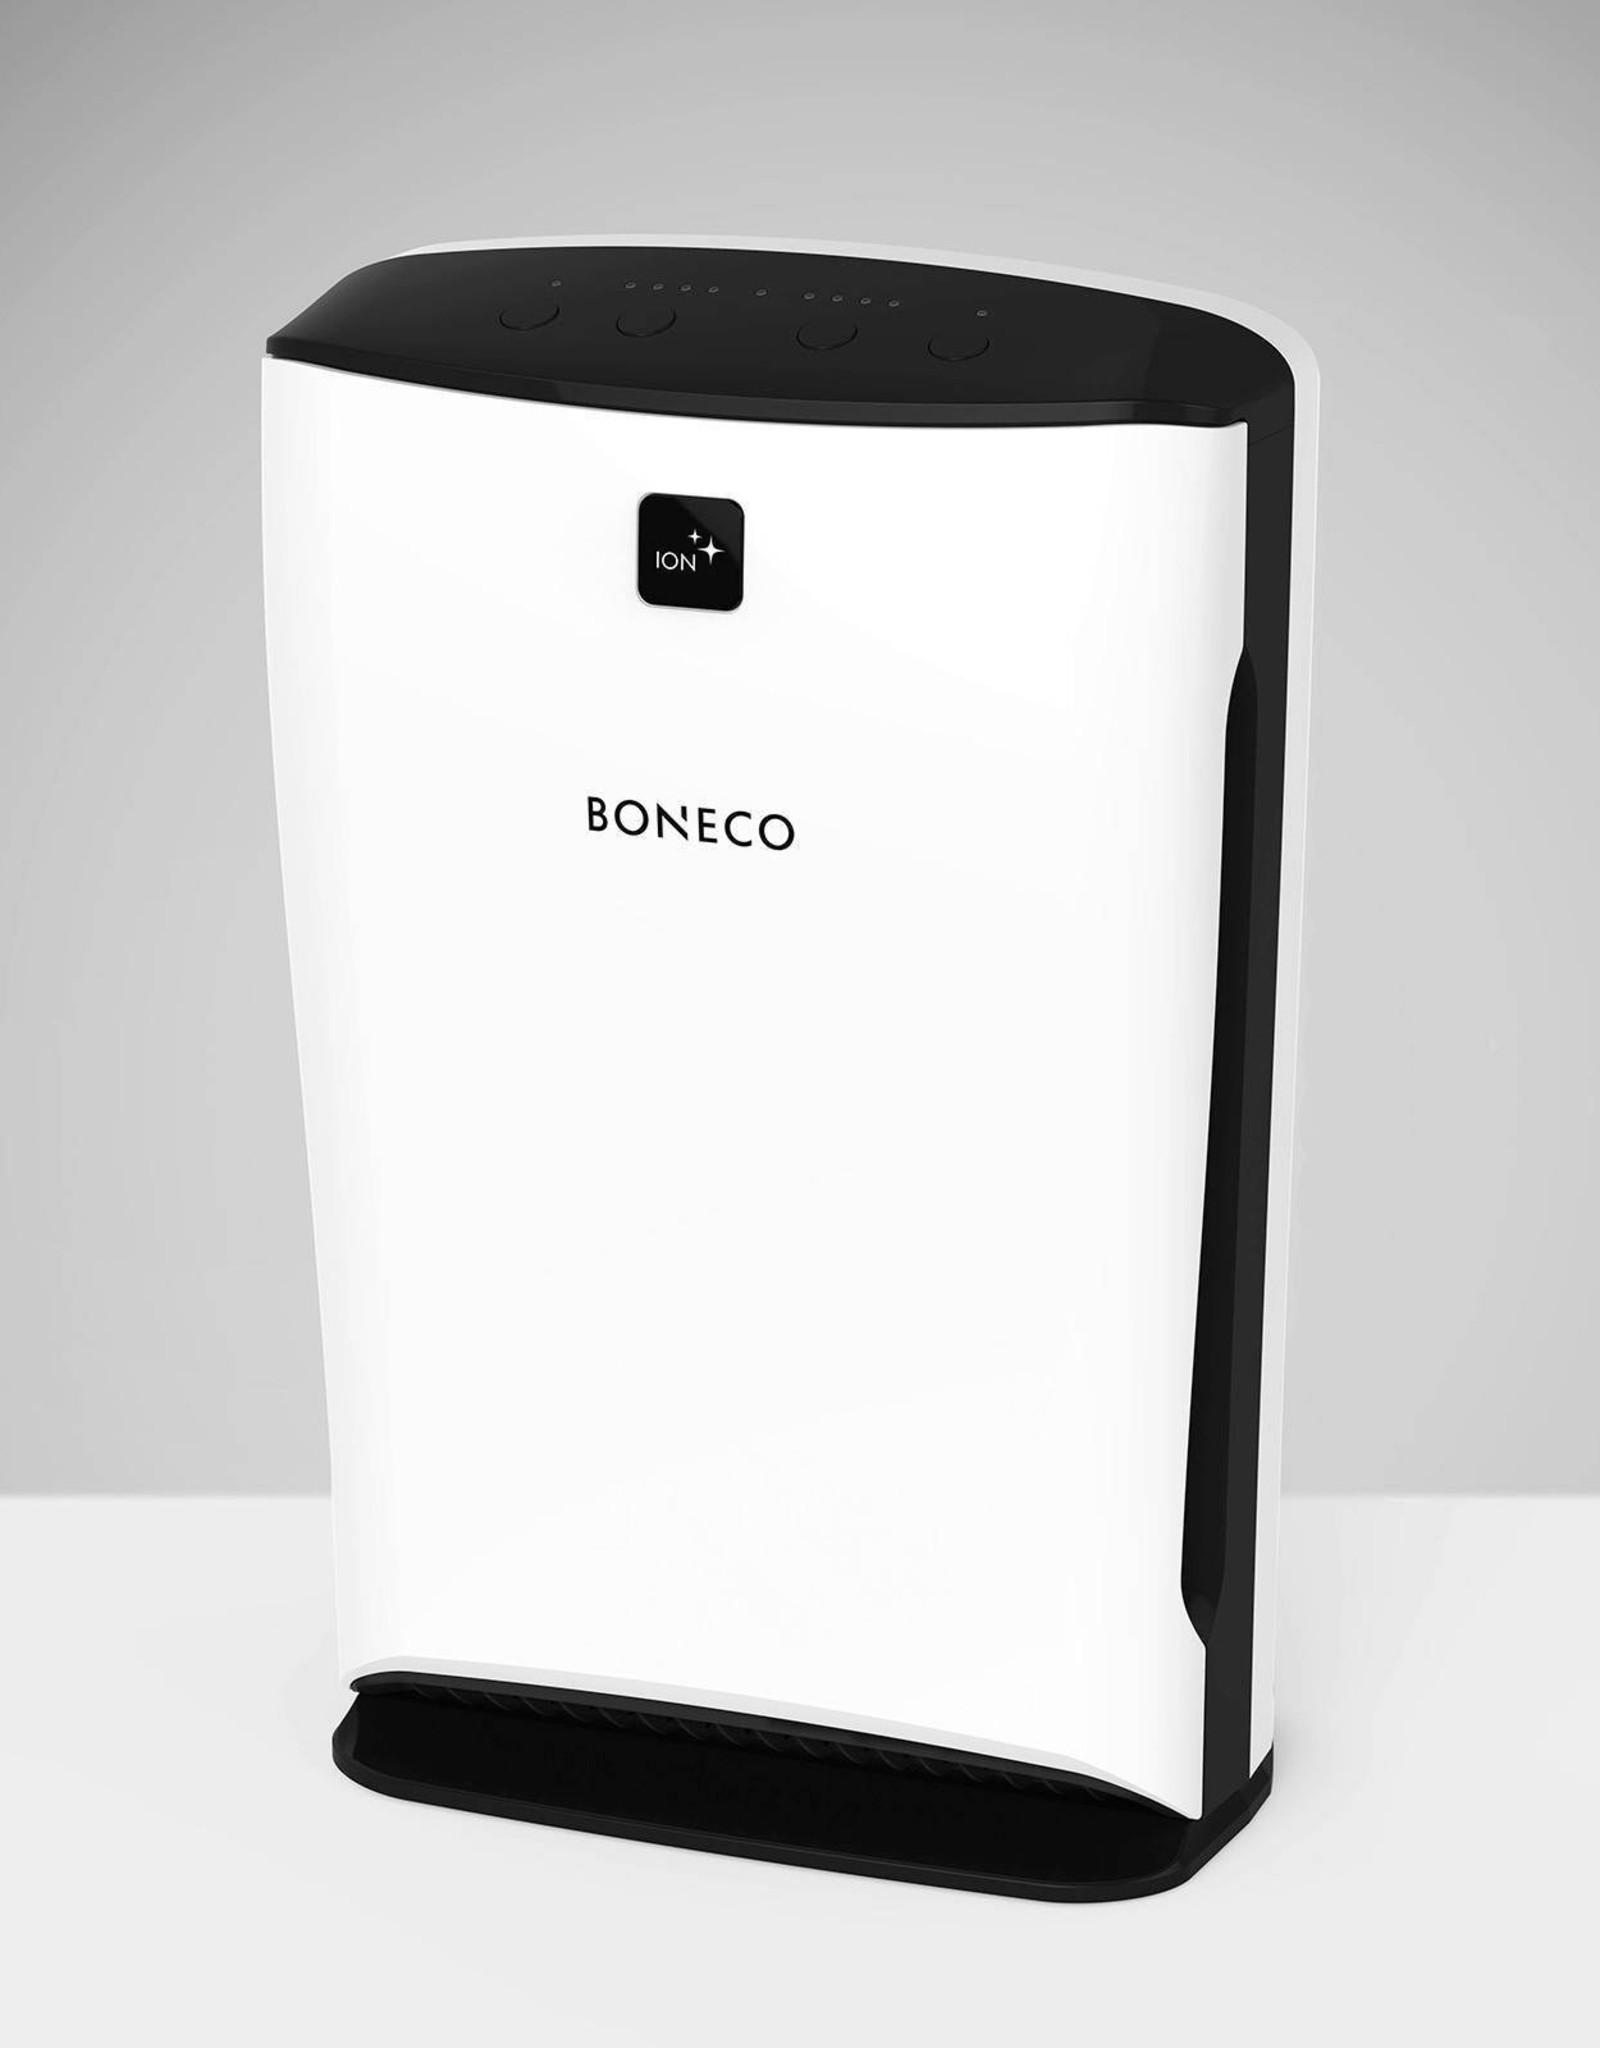 Boneco Boneco Luchtreinger met Ioniser voor 40 m2